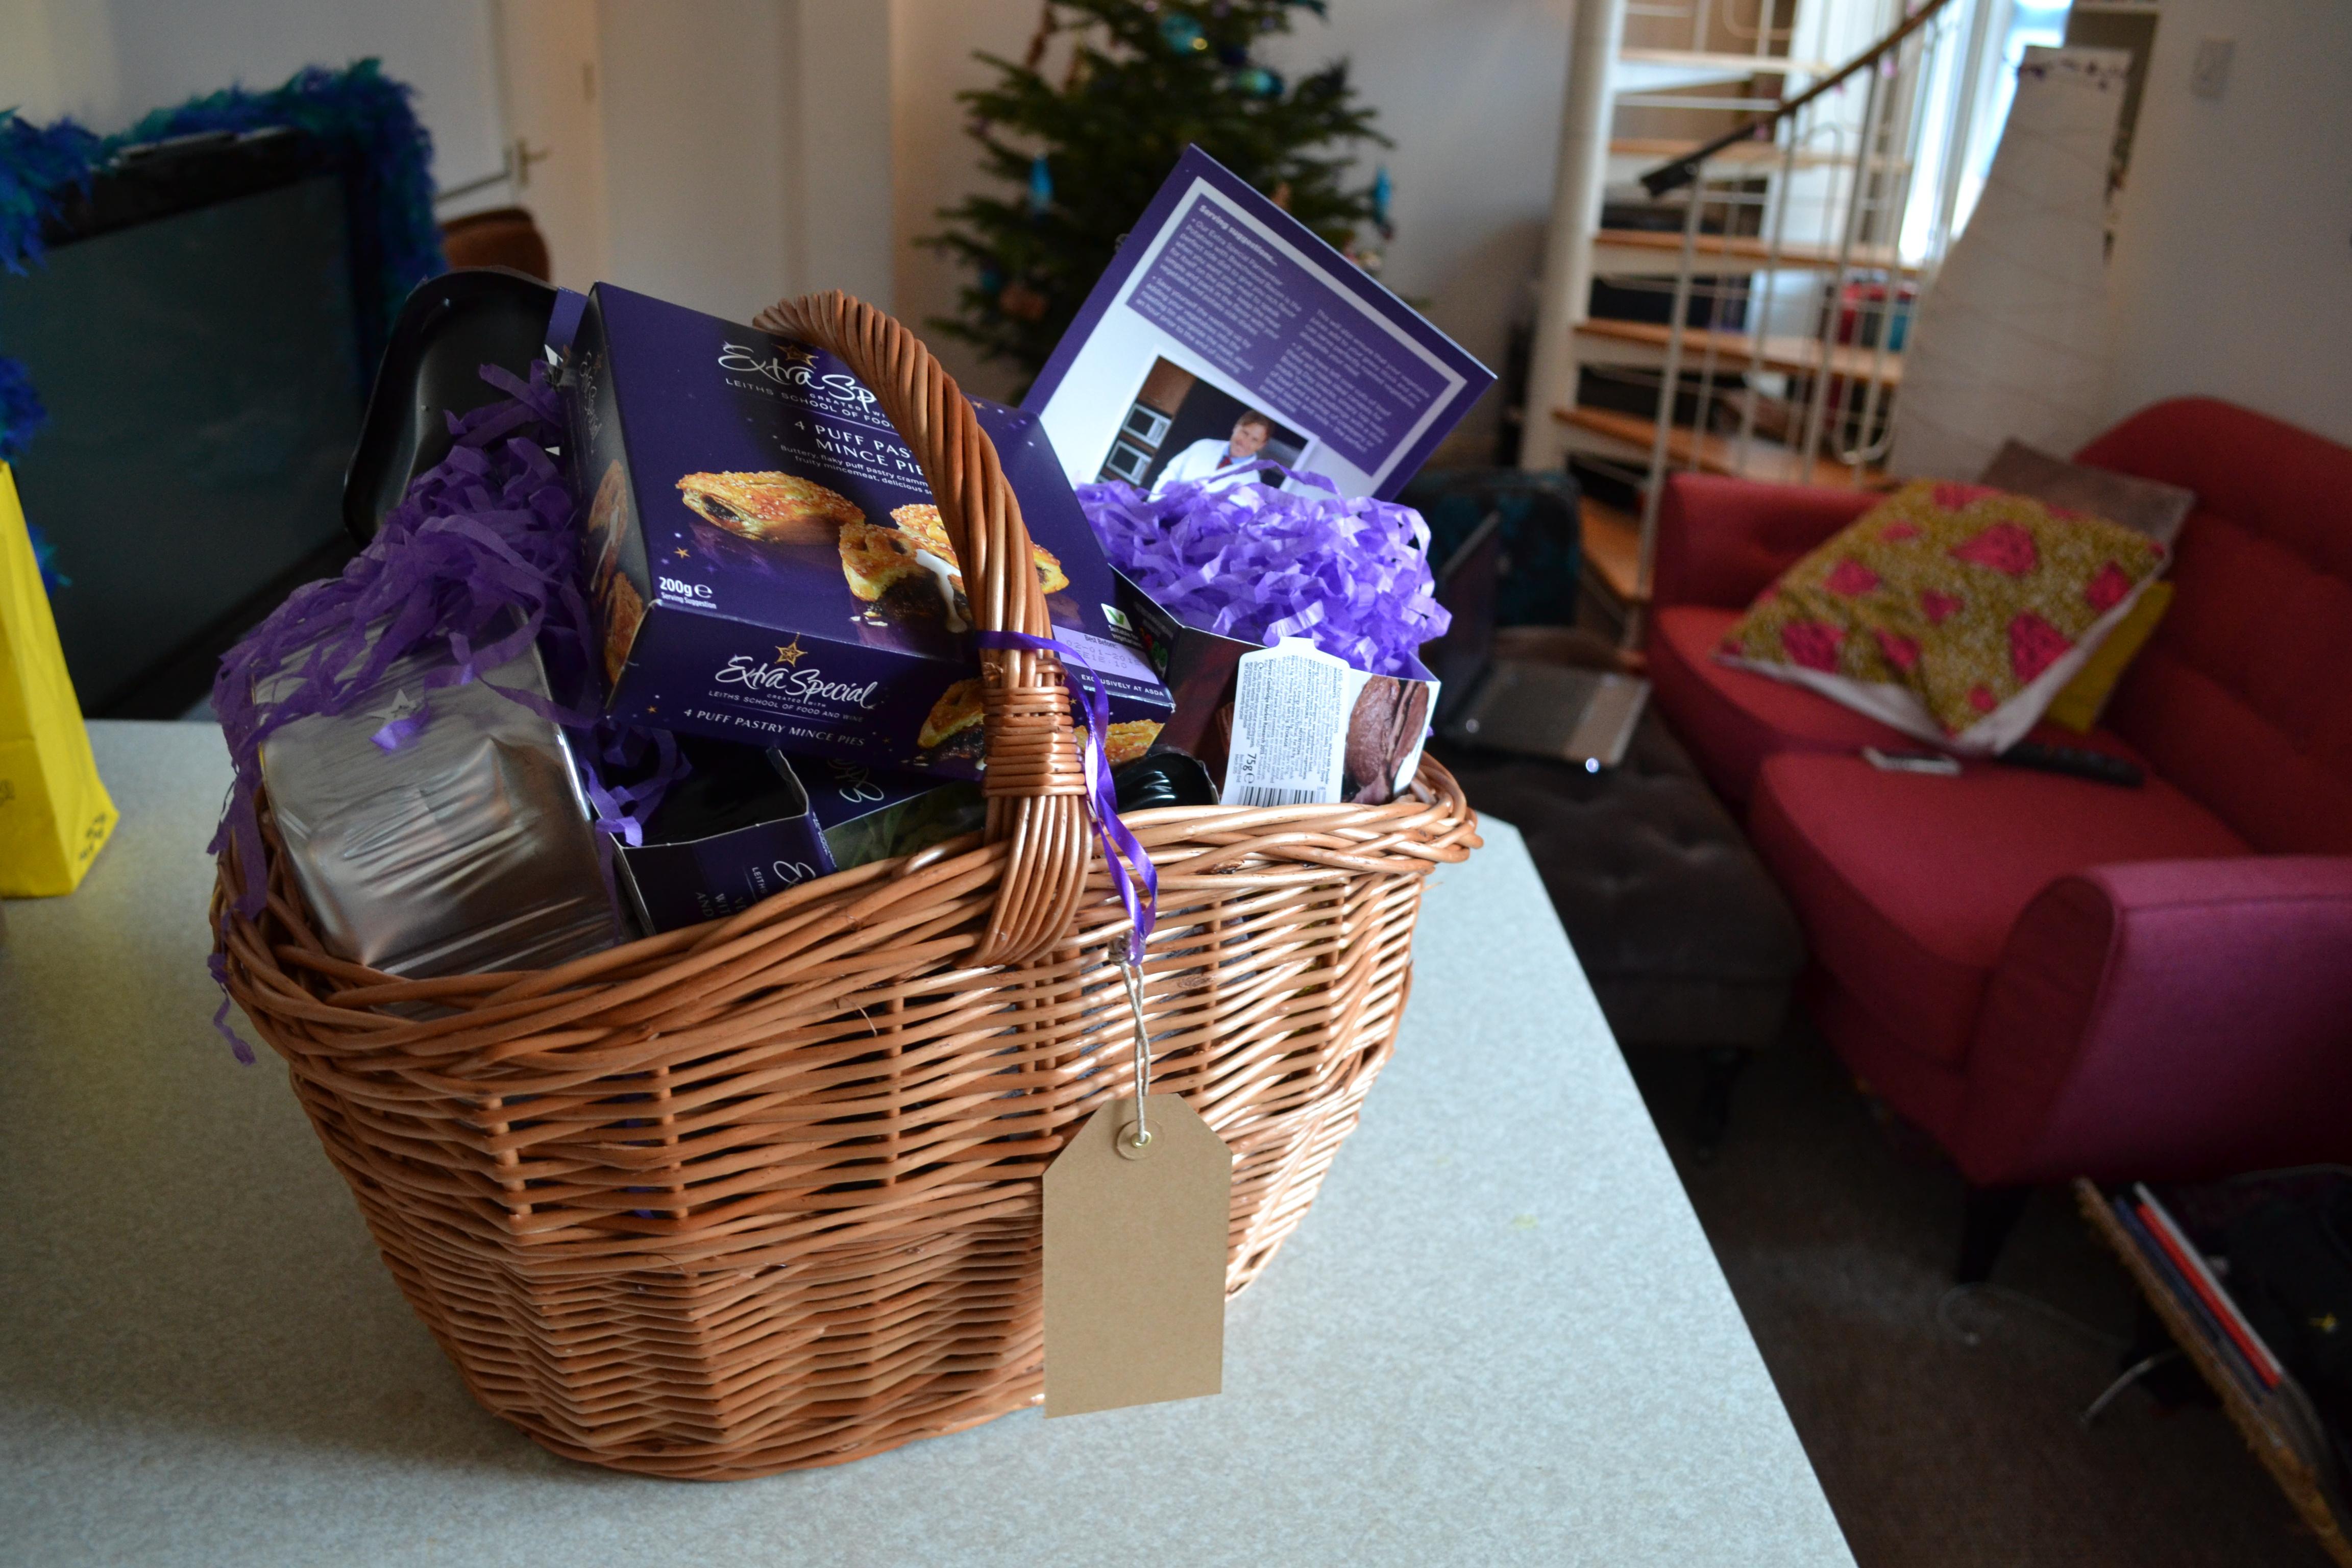 Asda gifts for mum at christmas